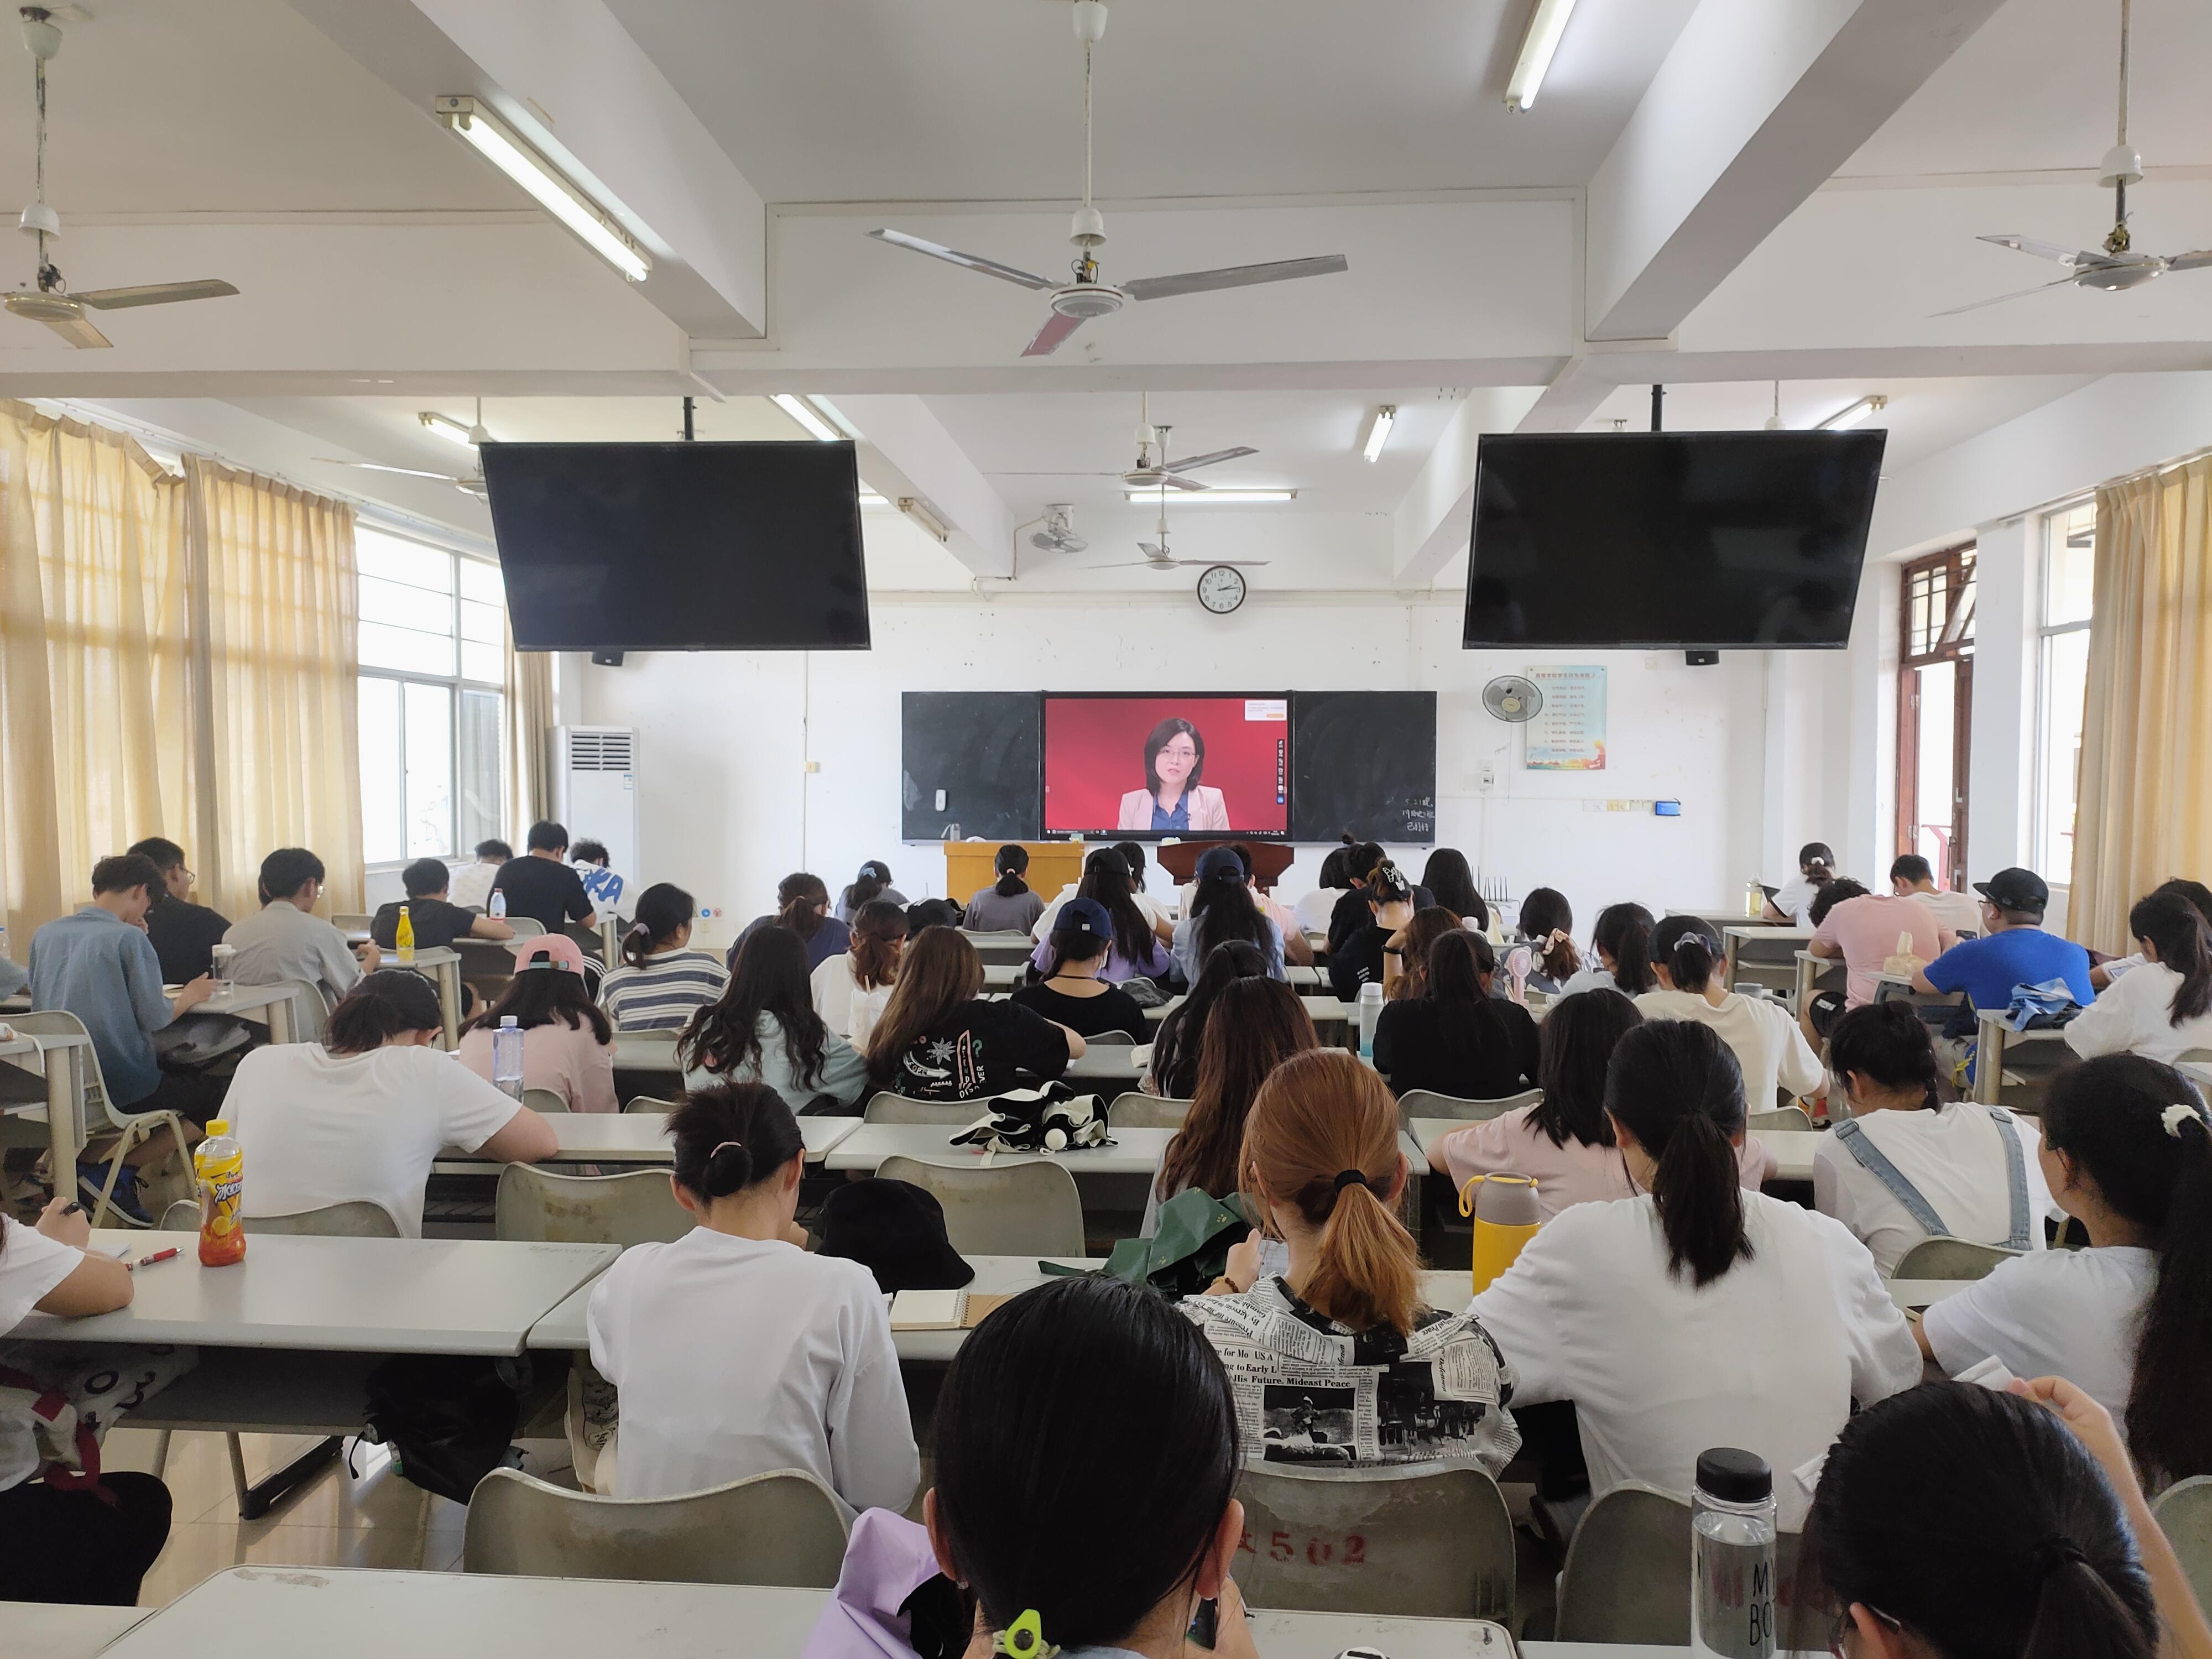 青年之声·记马克思主义学院''同上'四史'思政大''学习活动